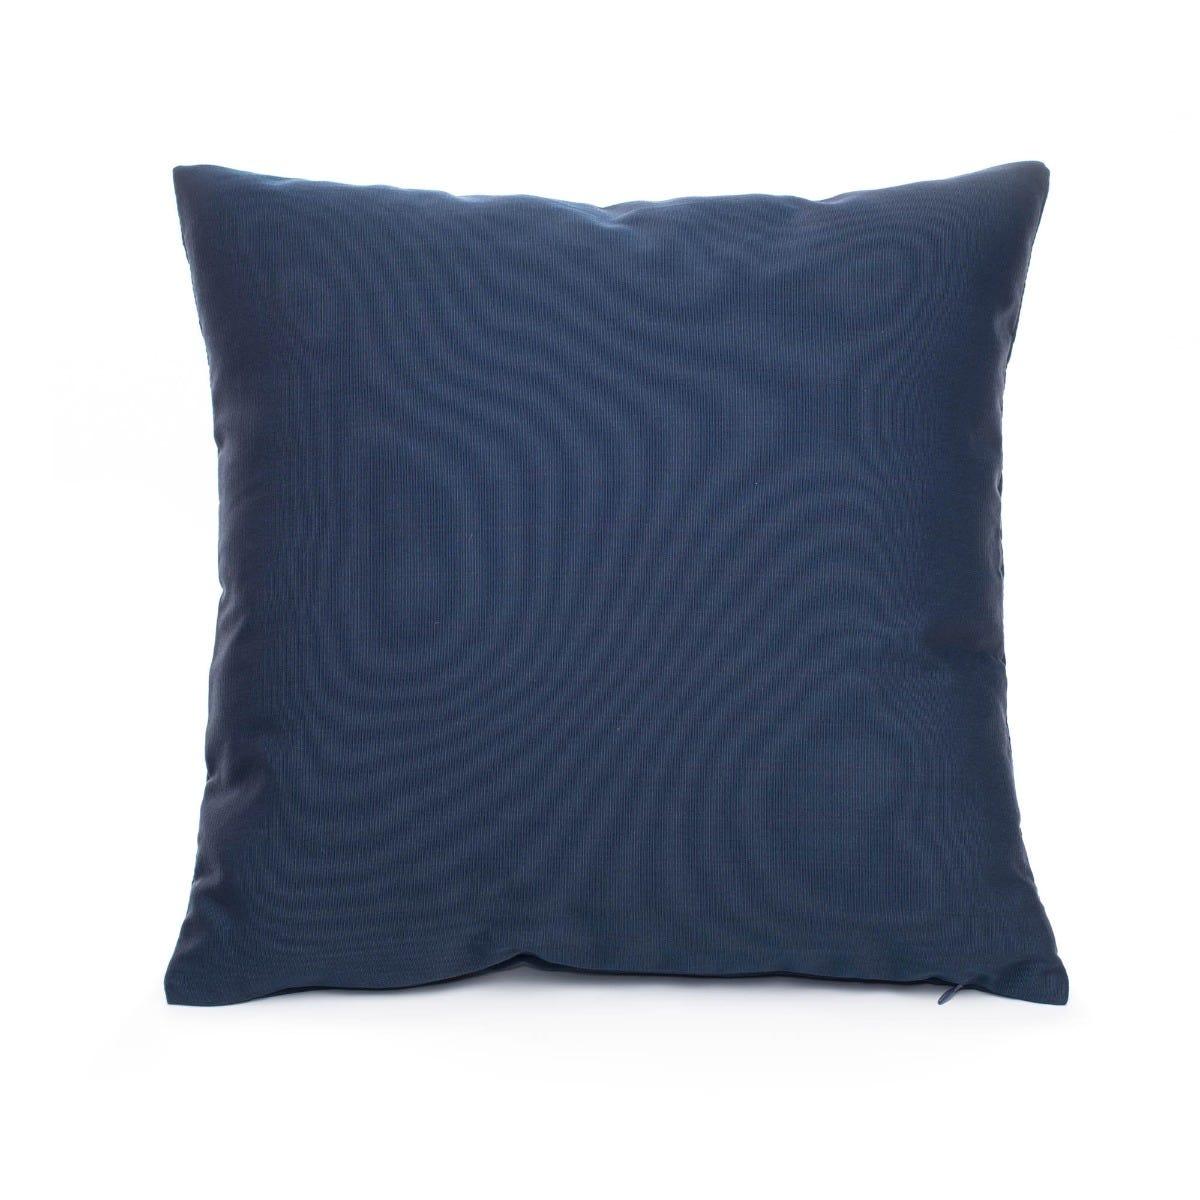 Cojín decorativo cuadrado de poliéster Saratoga® color azul marino